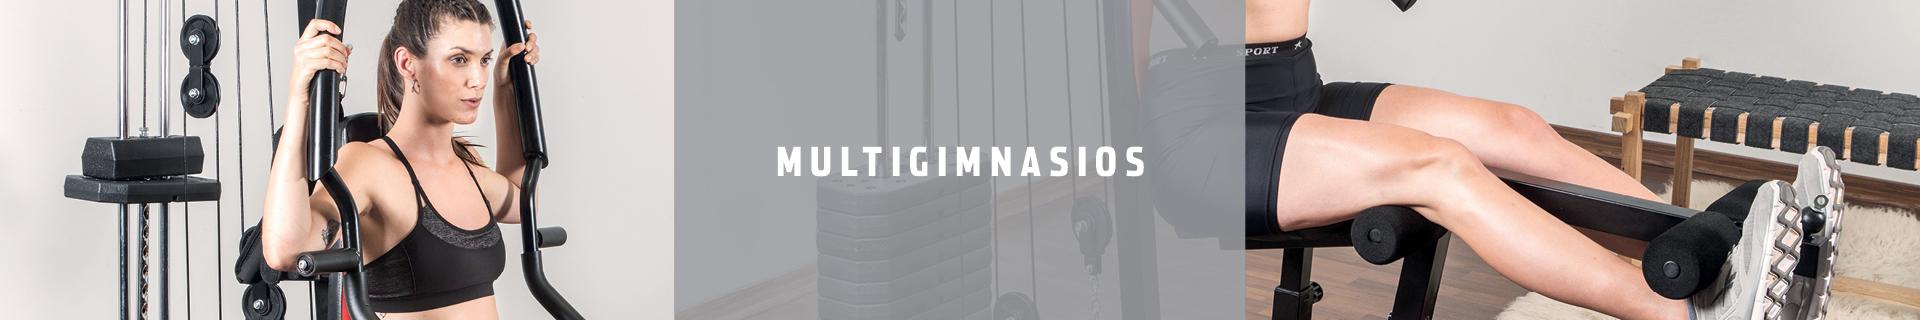 multigimnasios